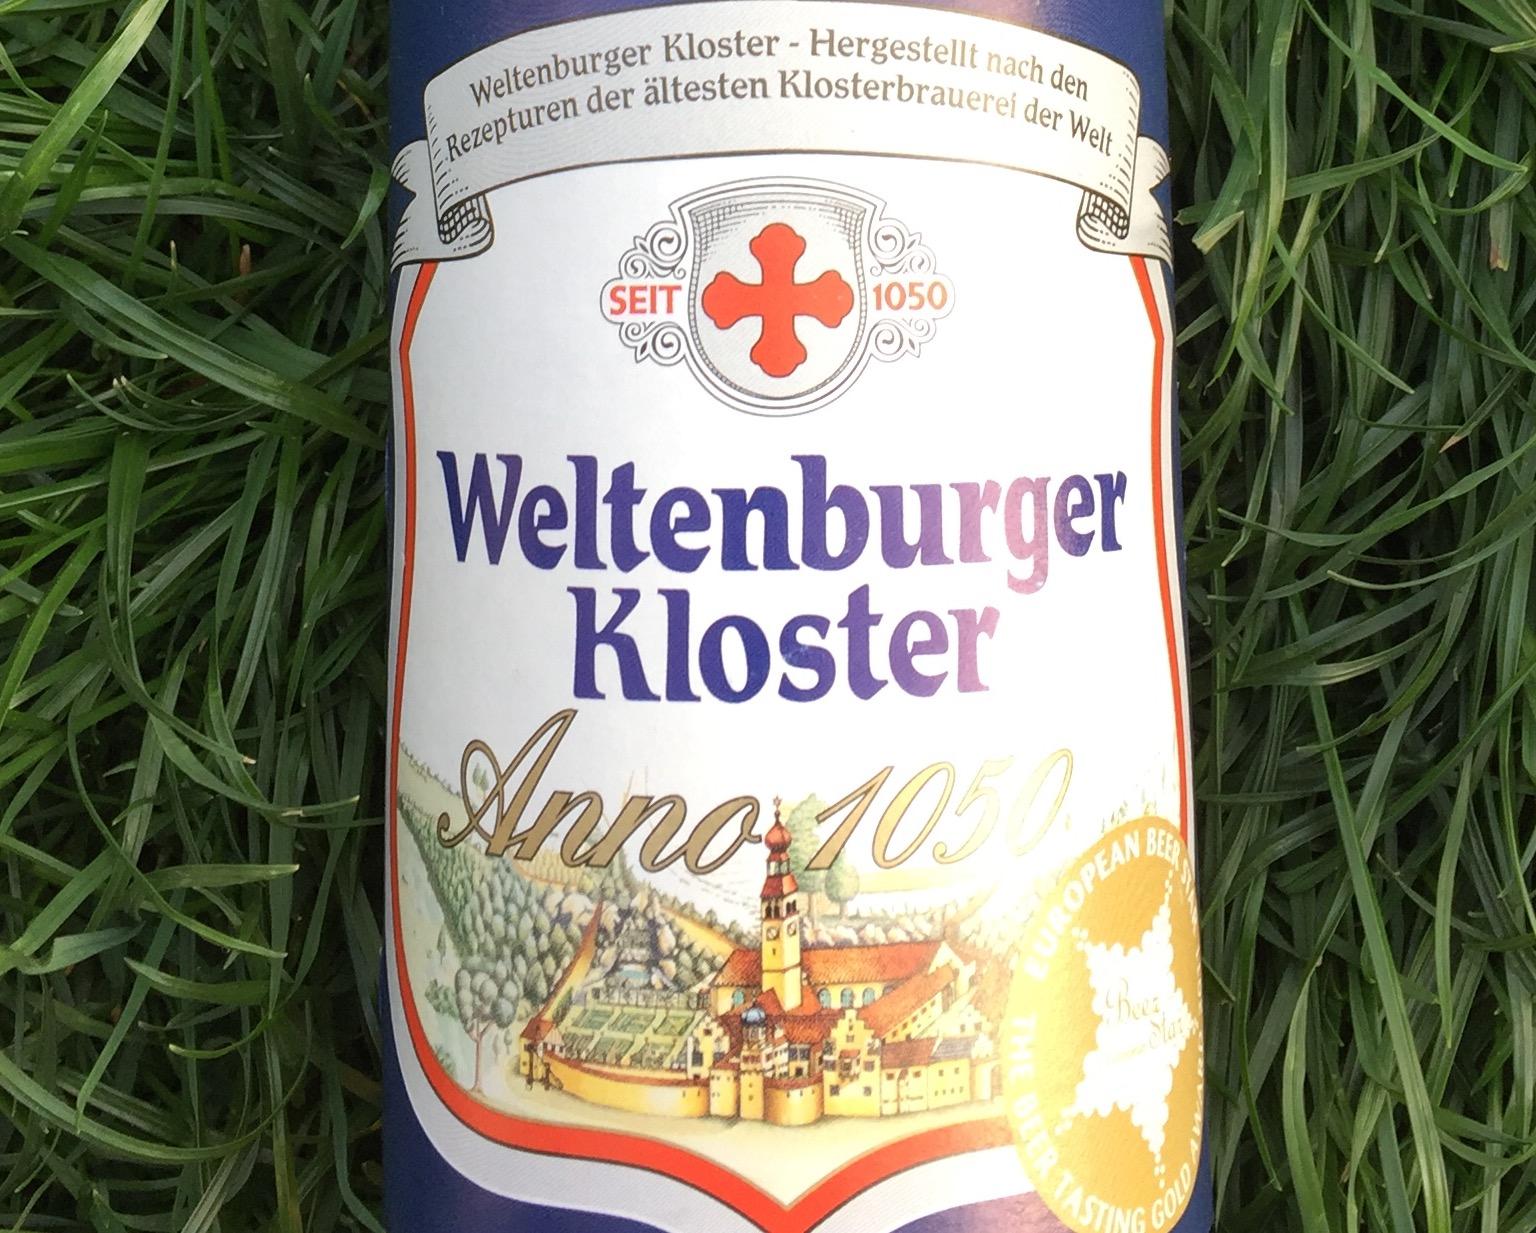 Weltenburger Kloster - Anno 1050